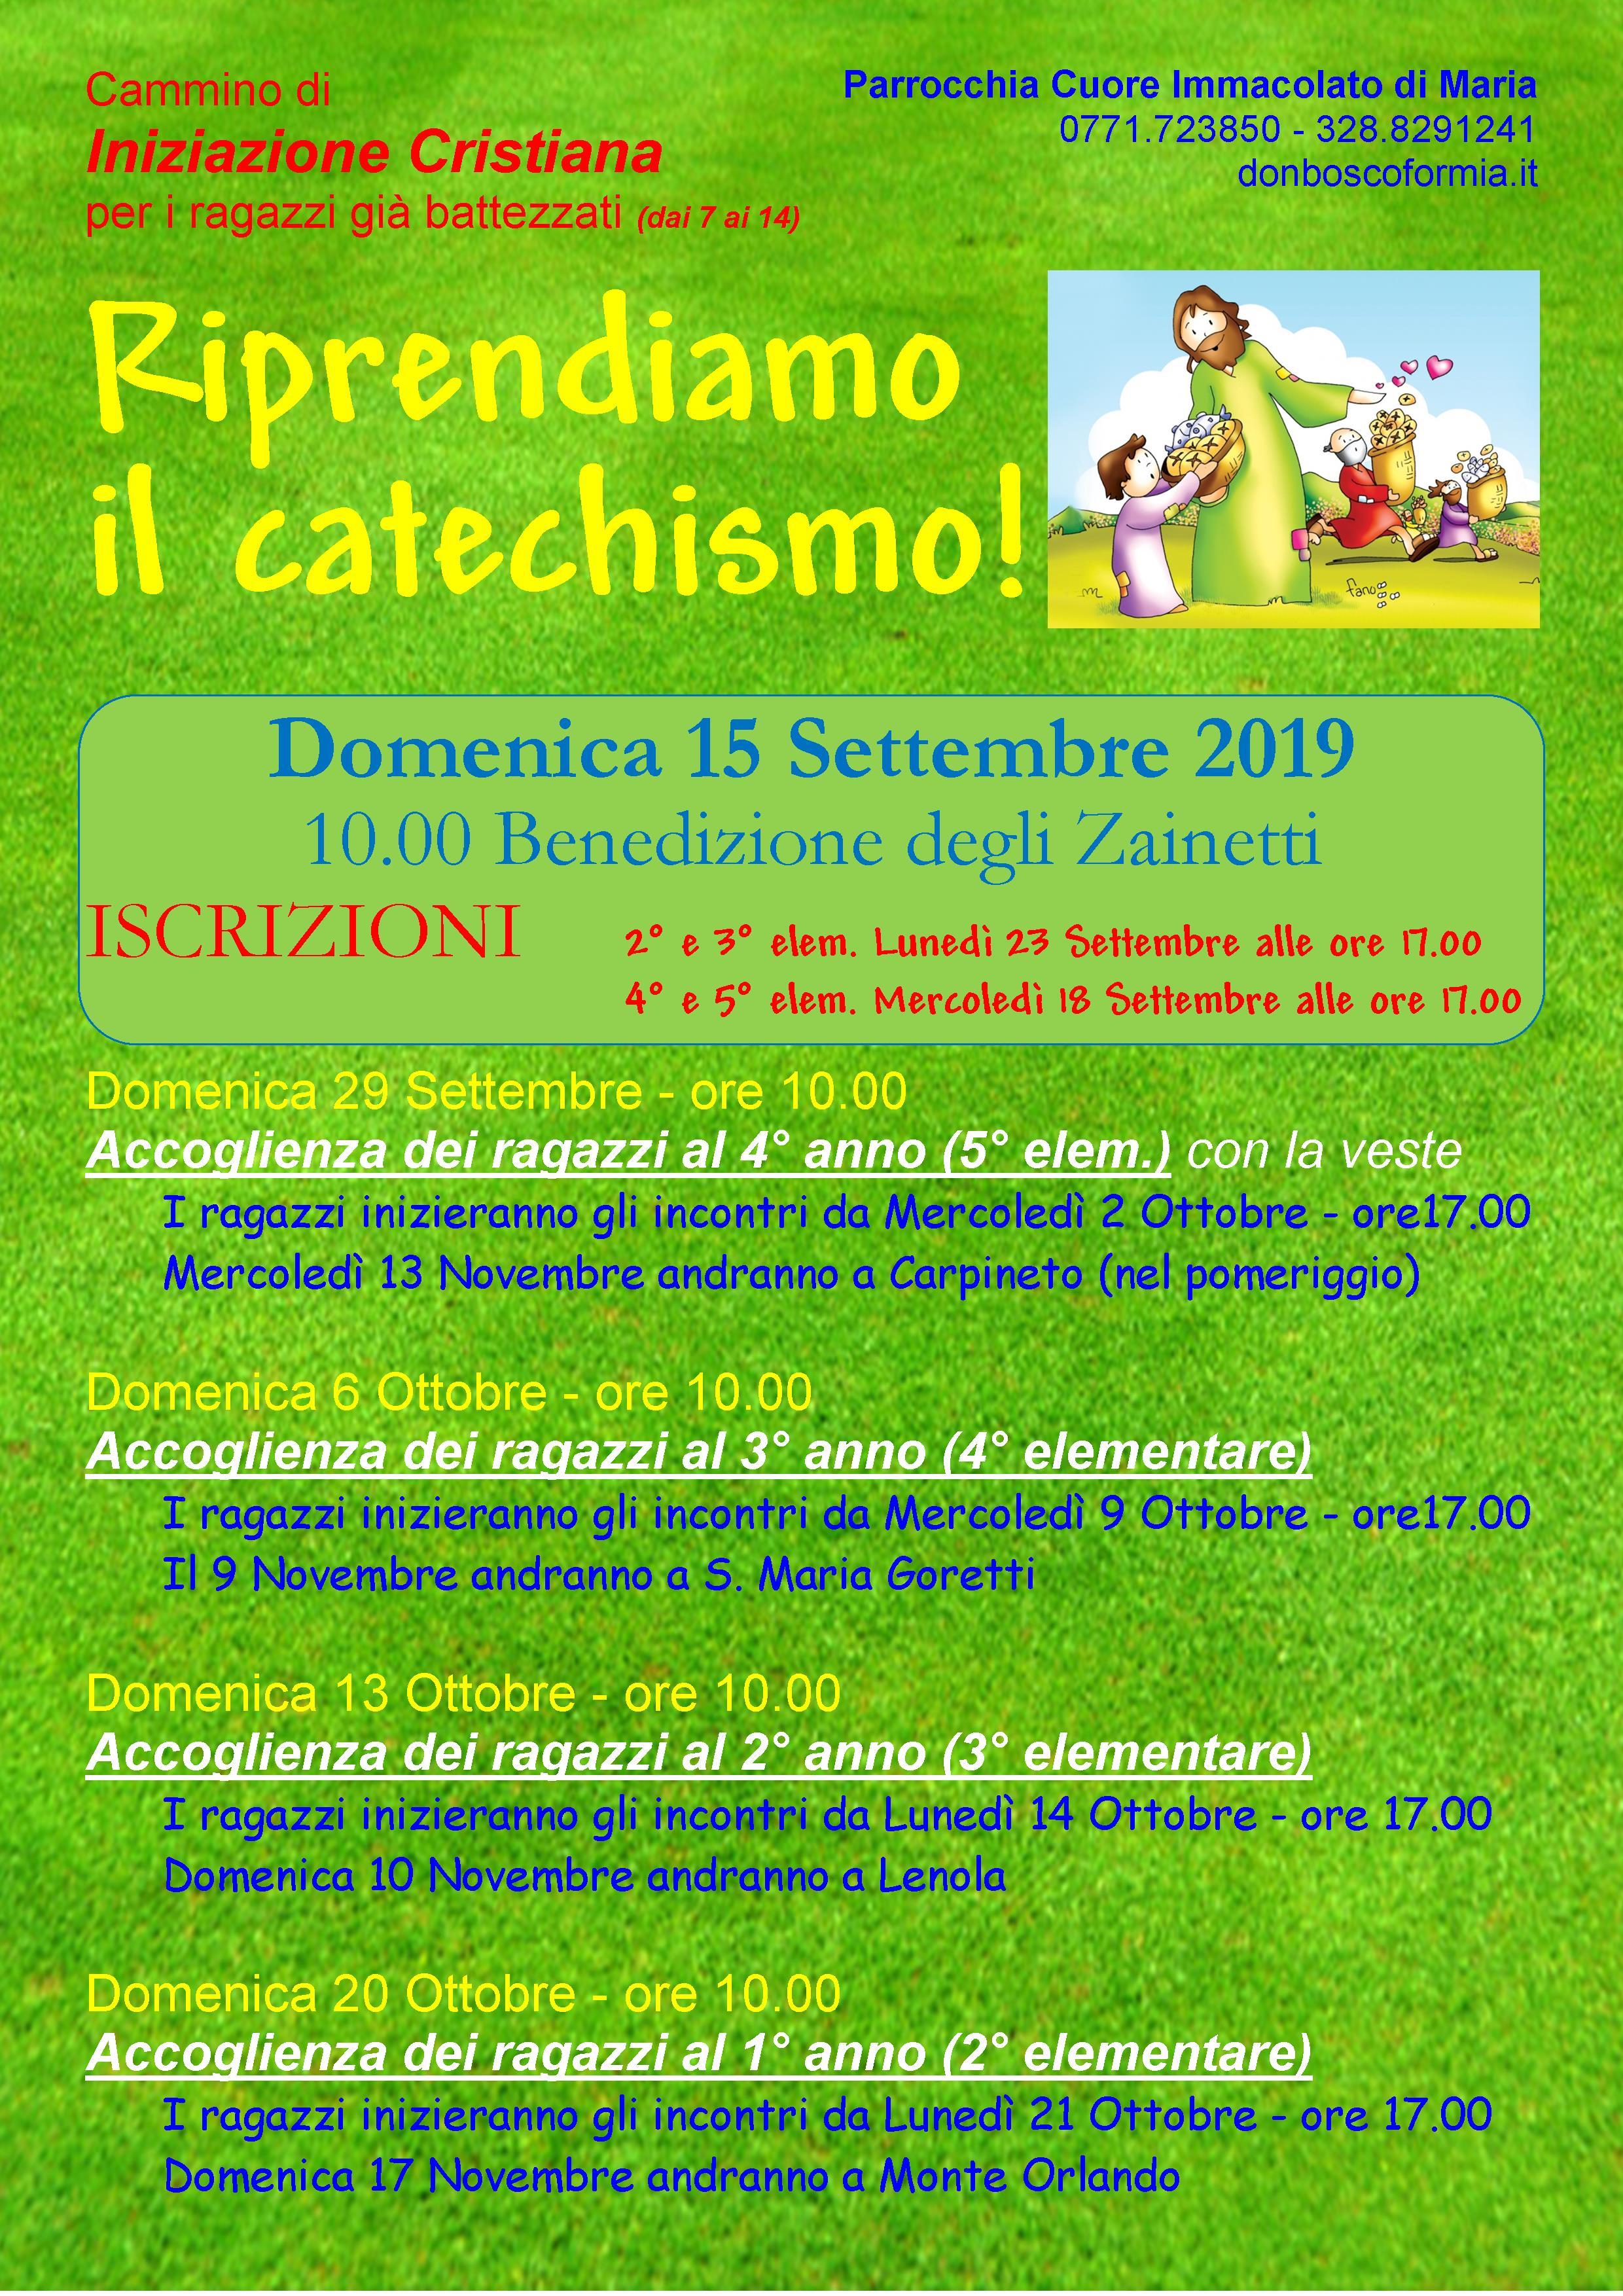 Calendario Liturgico Mariano 2020.Parrocchia Cuore Immacolato Di Maria Home